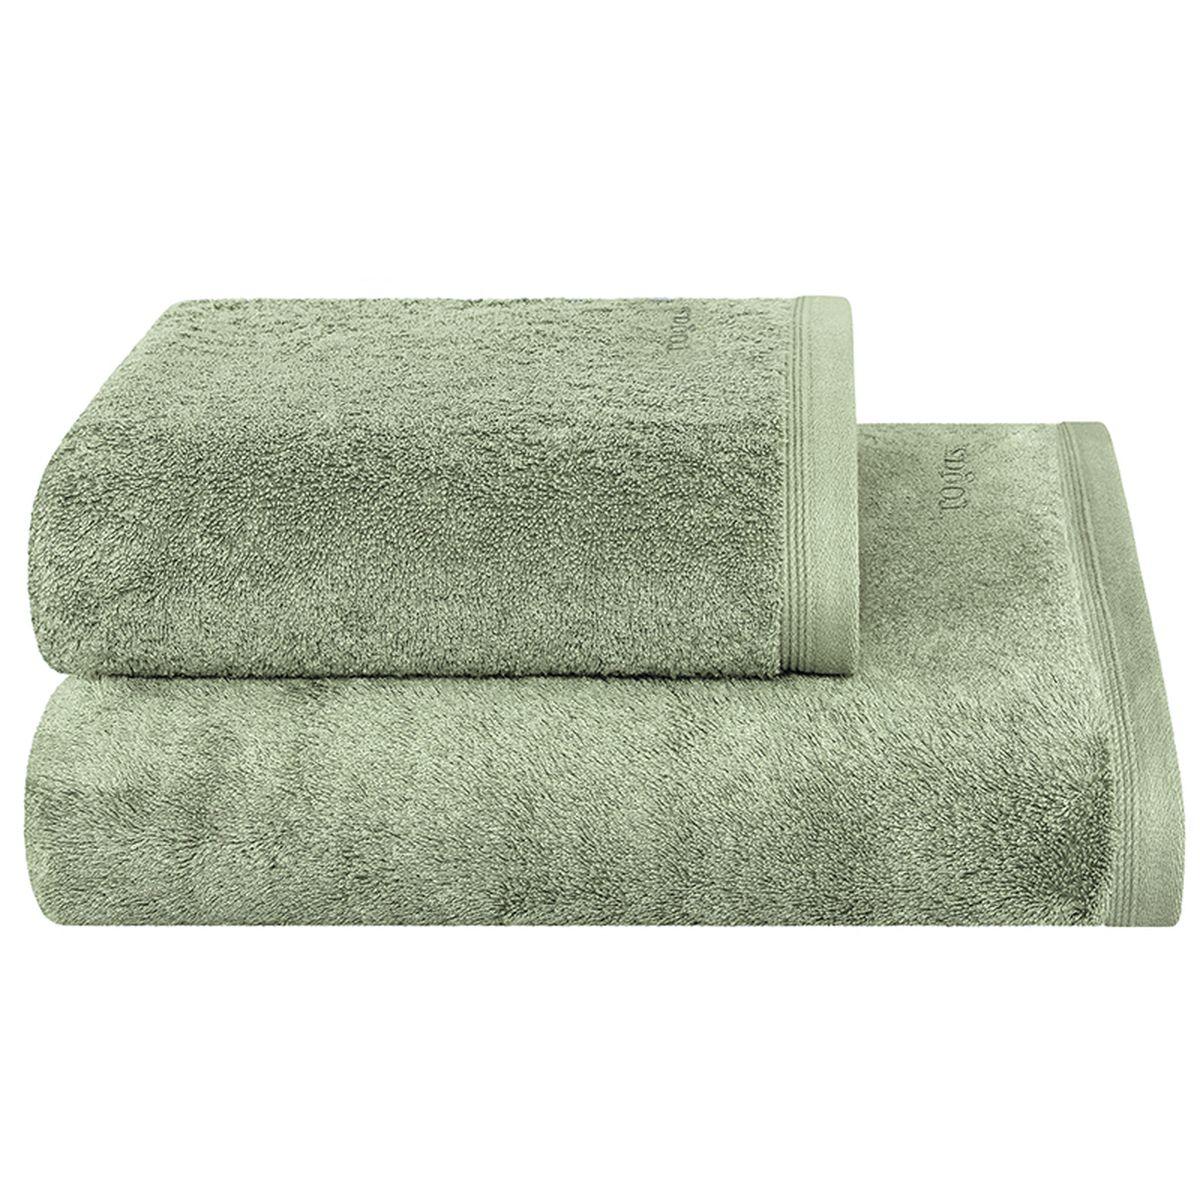 Полотенце Togas Пуатье, цвет: зеленый, 50 х 100 см10.00.01.1047Полотенце Togas Пуатье невероятно гармонично сочетает в себе лучшие качества современного махрового текстиля. Безупречные по качеству, экологичное полотенце из 70% хлопка и 30% модала идеально заботится о вашей коже, особенно после душа, когда вы расслаблены и особо уязвимы. Деликатный дизайн полотенца Togas «Пуатье» - воплощение изысканной простоты, где на первый план выходит качество материала. Невероятно мягкое волокно модал, превосходящее по своим свойствам даже хлопок, позволяет улучшить впитывающие качества полотенца и делает его удивительно мягким. Модал - это 100% натуральное, экологически чистое целлюлозное волокно. Оно производится без применения каких-либо химических примесей, поэтому абсолютно гипоаллергенно. Полотенце Togas Пуатье, обладающее идеальными качествами, будет поднимать вам настроение.